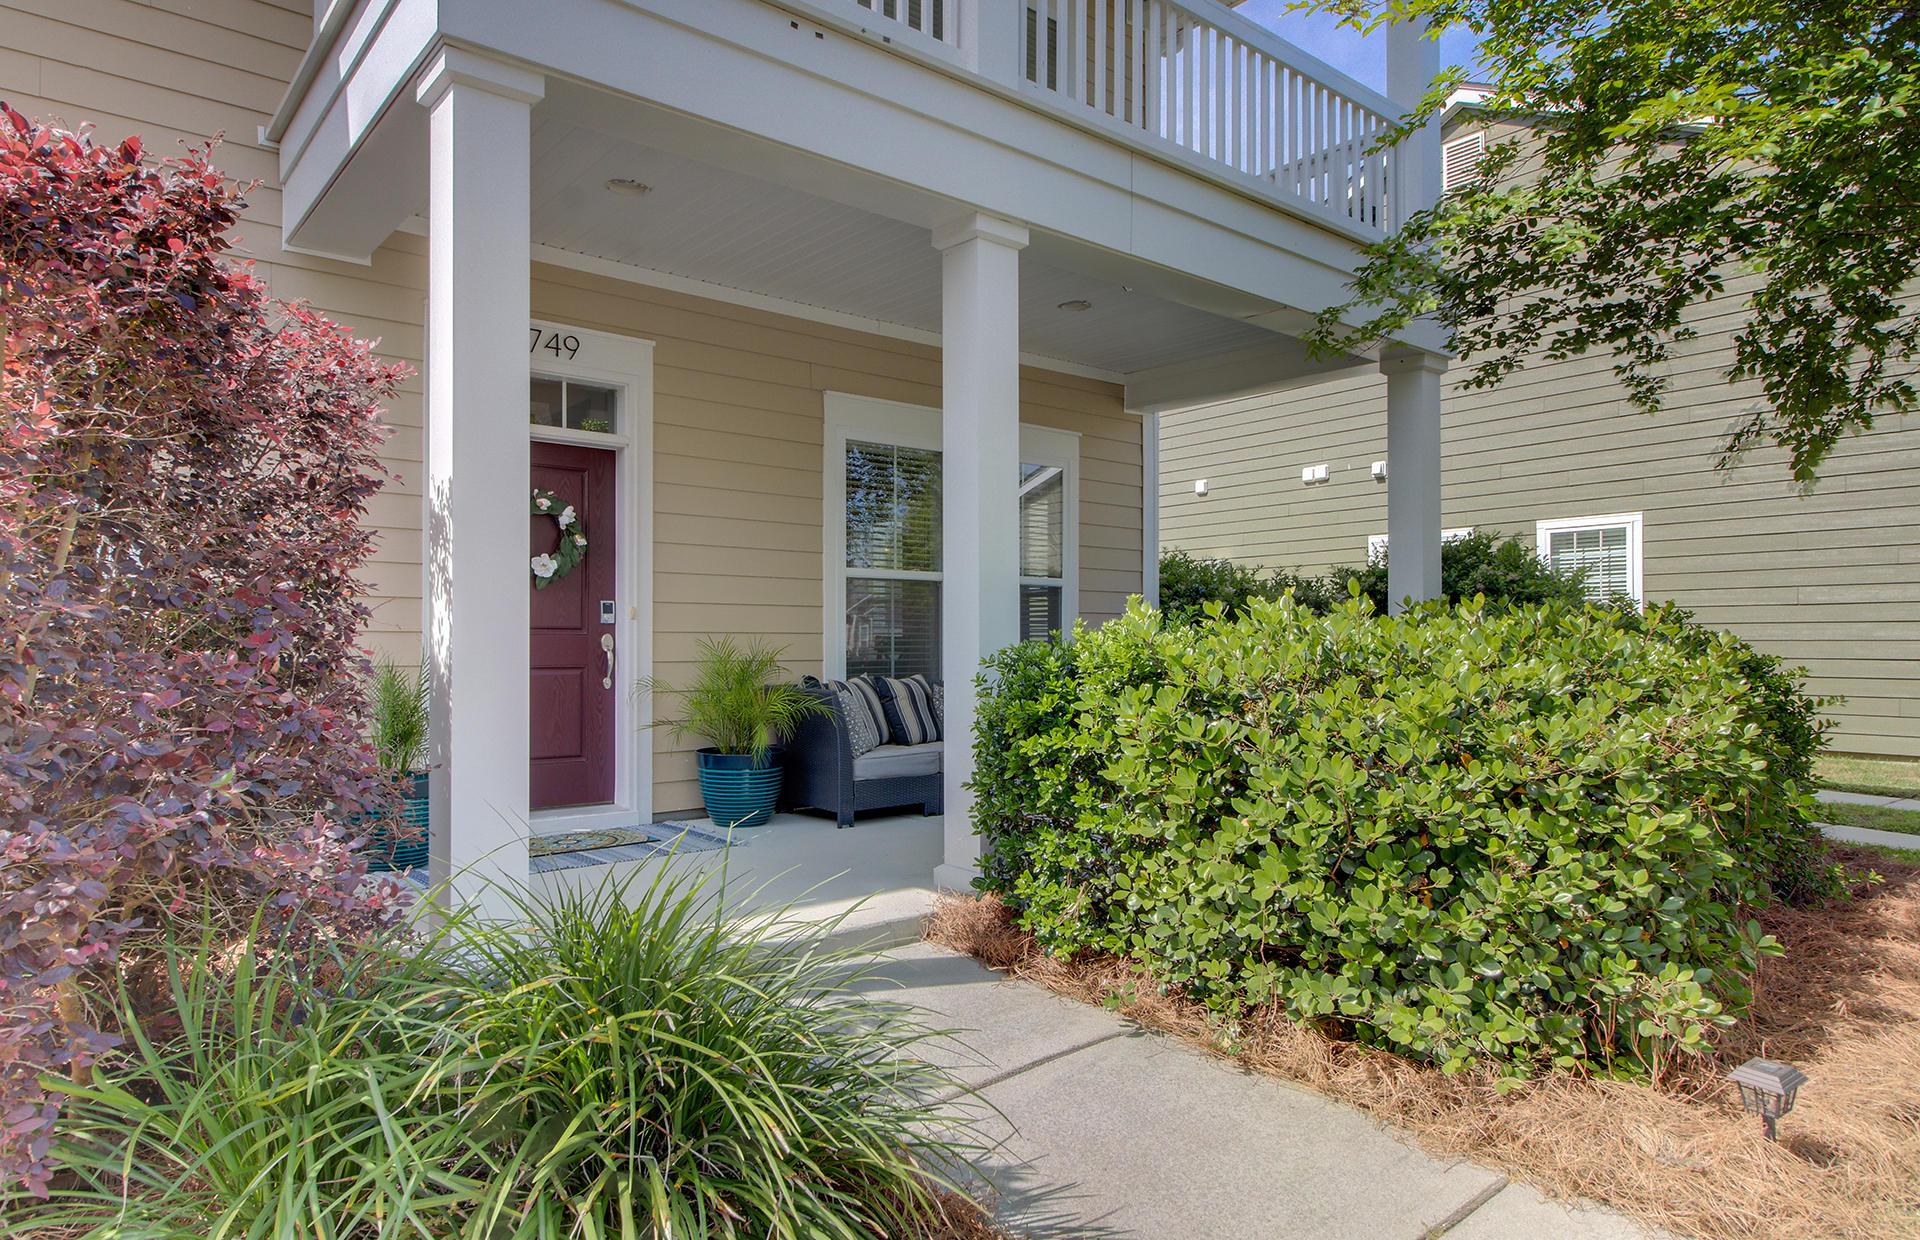 Boltons Landing Homes For Sale - 1749 Batten, Charleston, SC - 11